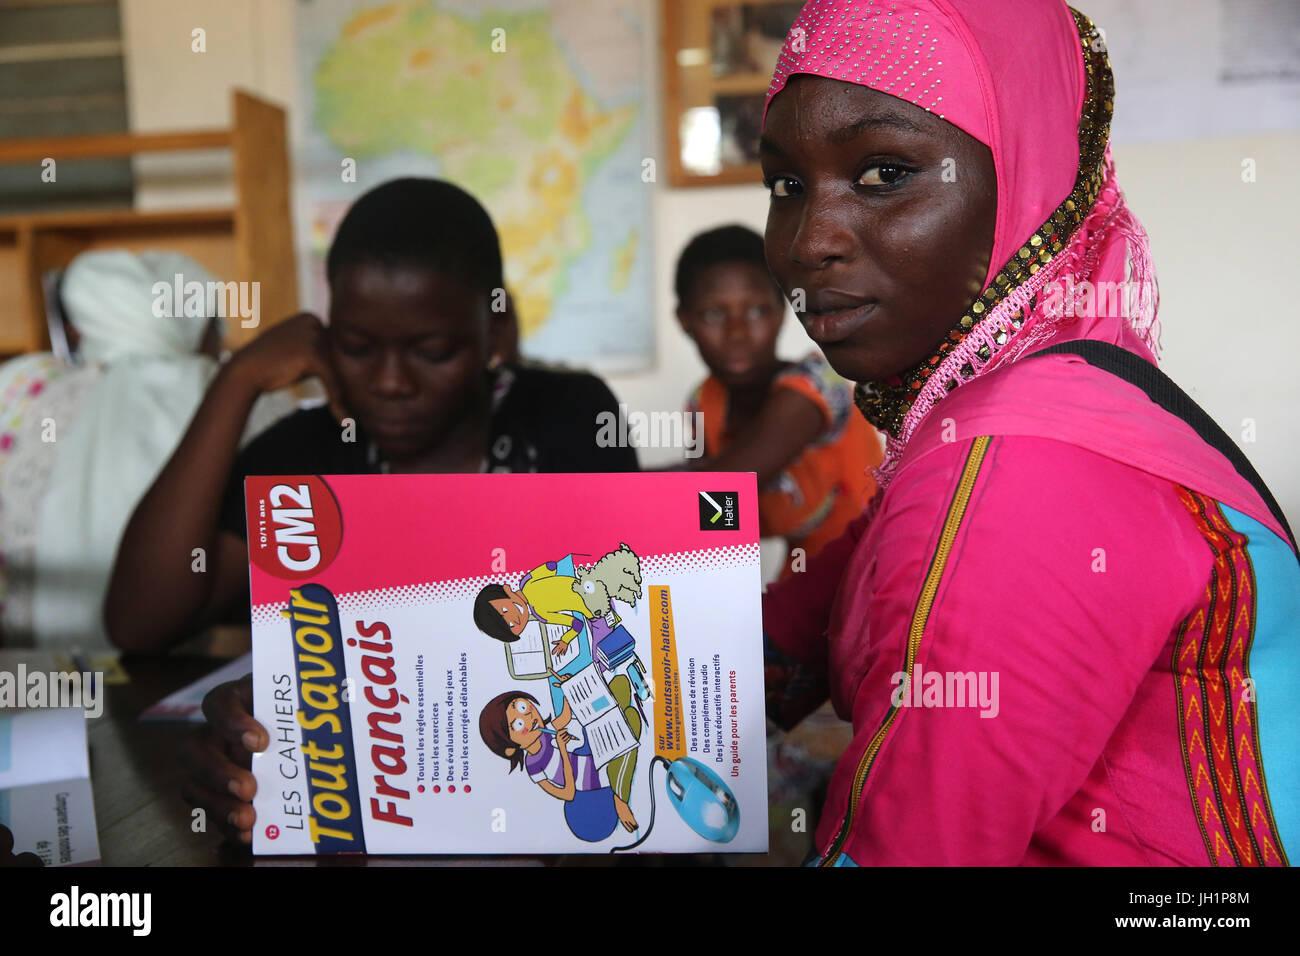 La escuela africana patrocinada por la ONG francesa : la Chaine de l'Espoir. La biblioteca. Lome. Togo. Foto de stock